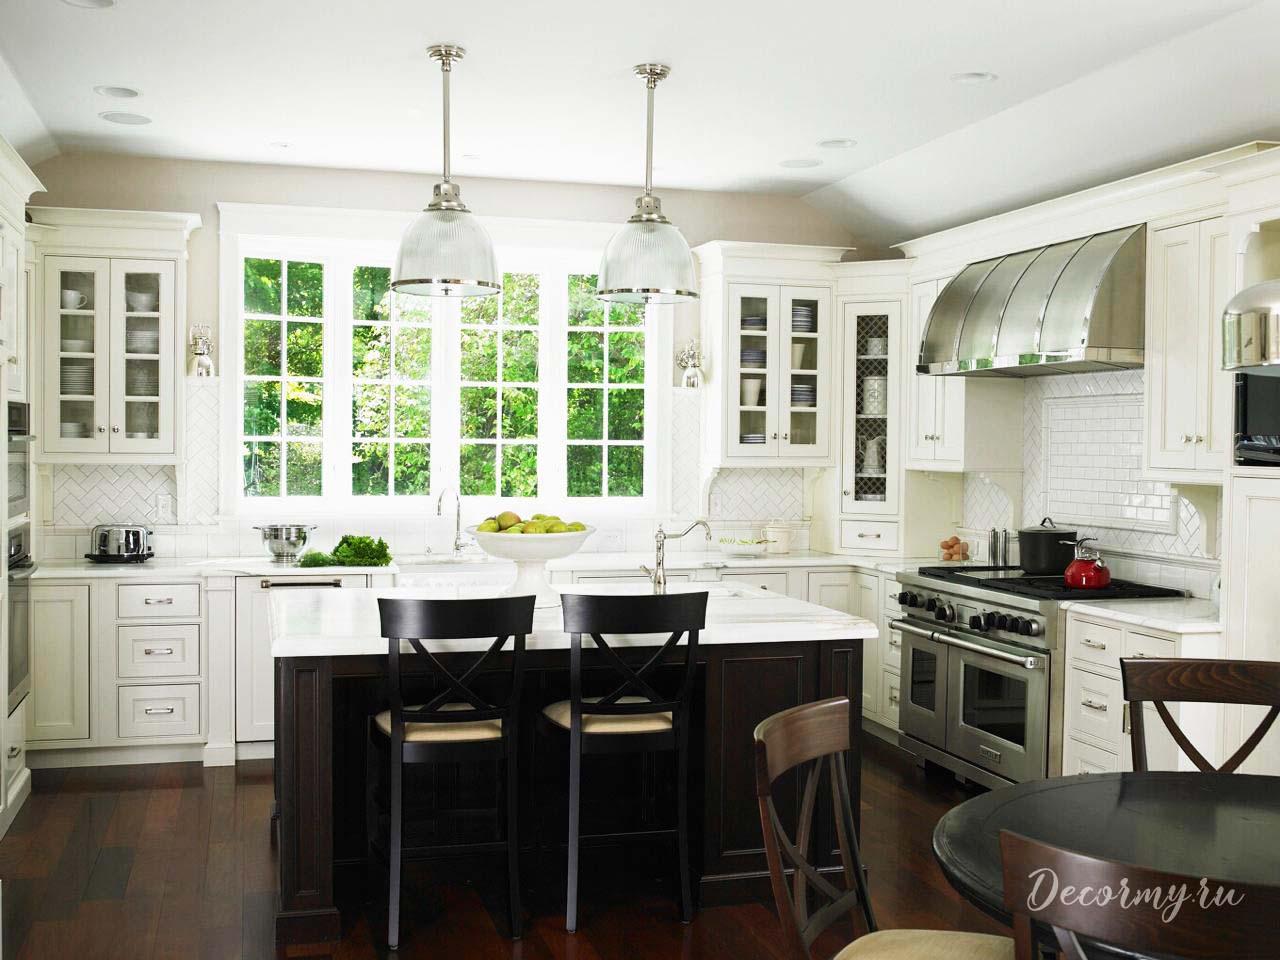 металлическая вытяжка для белого кухонного гарнитура